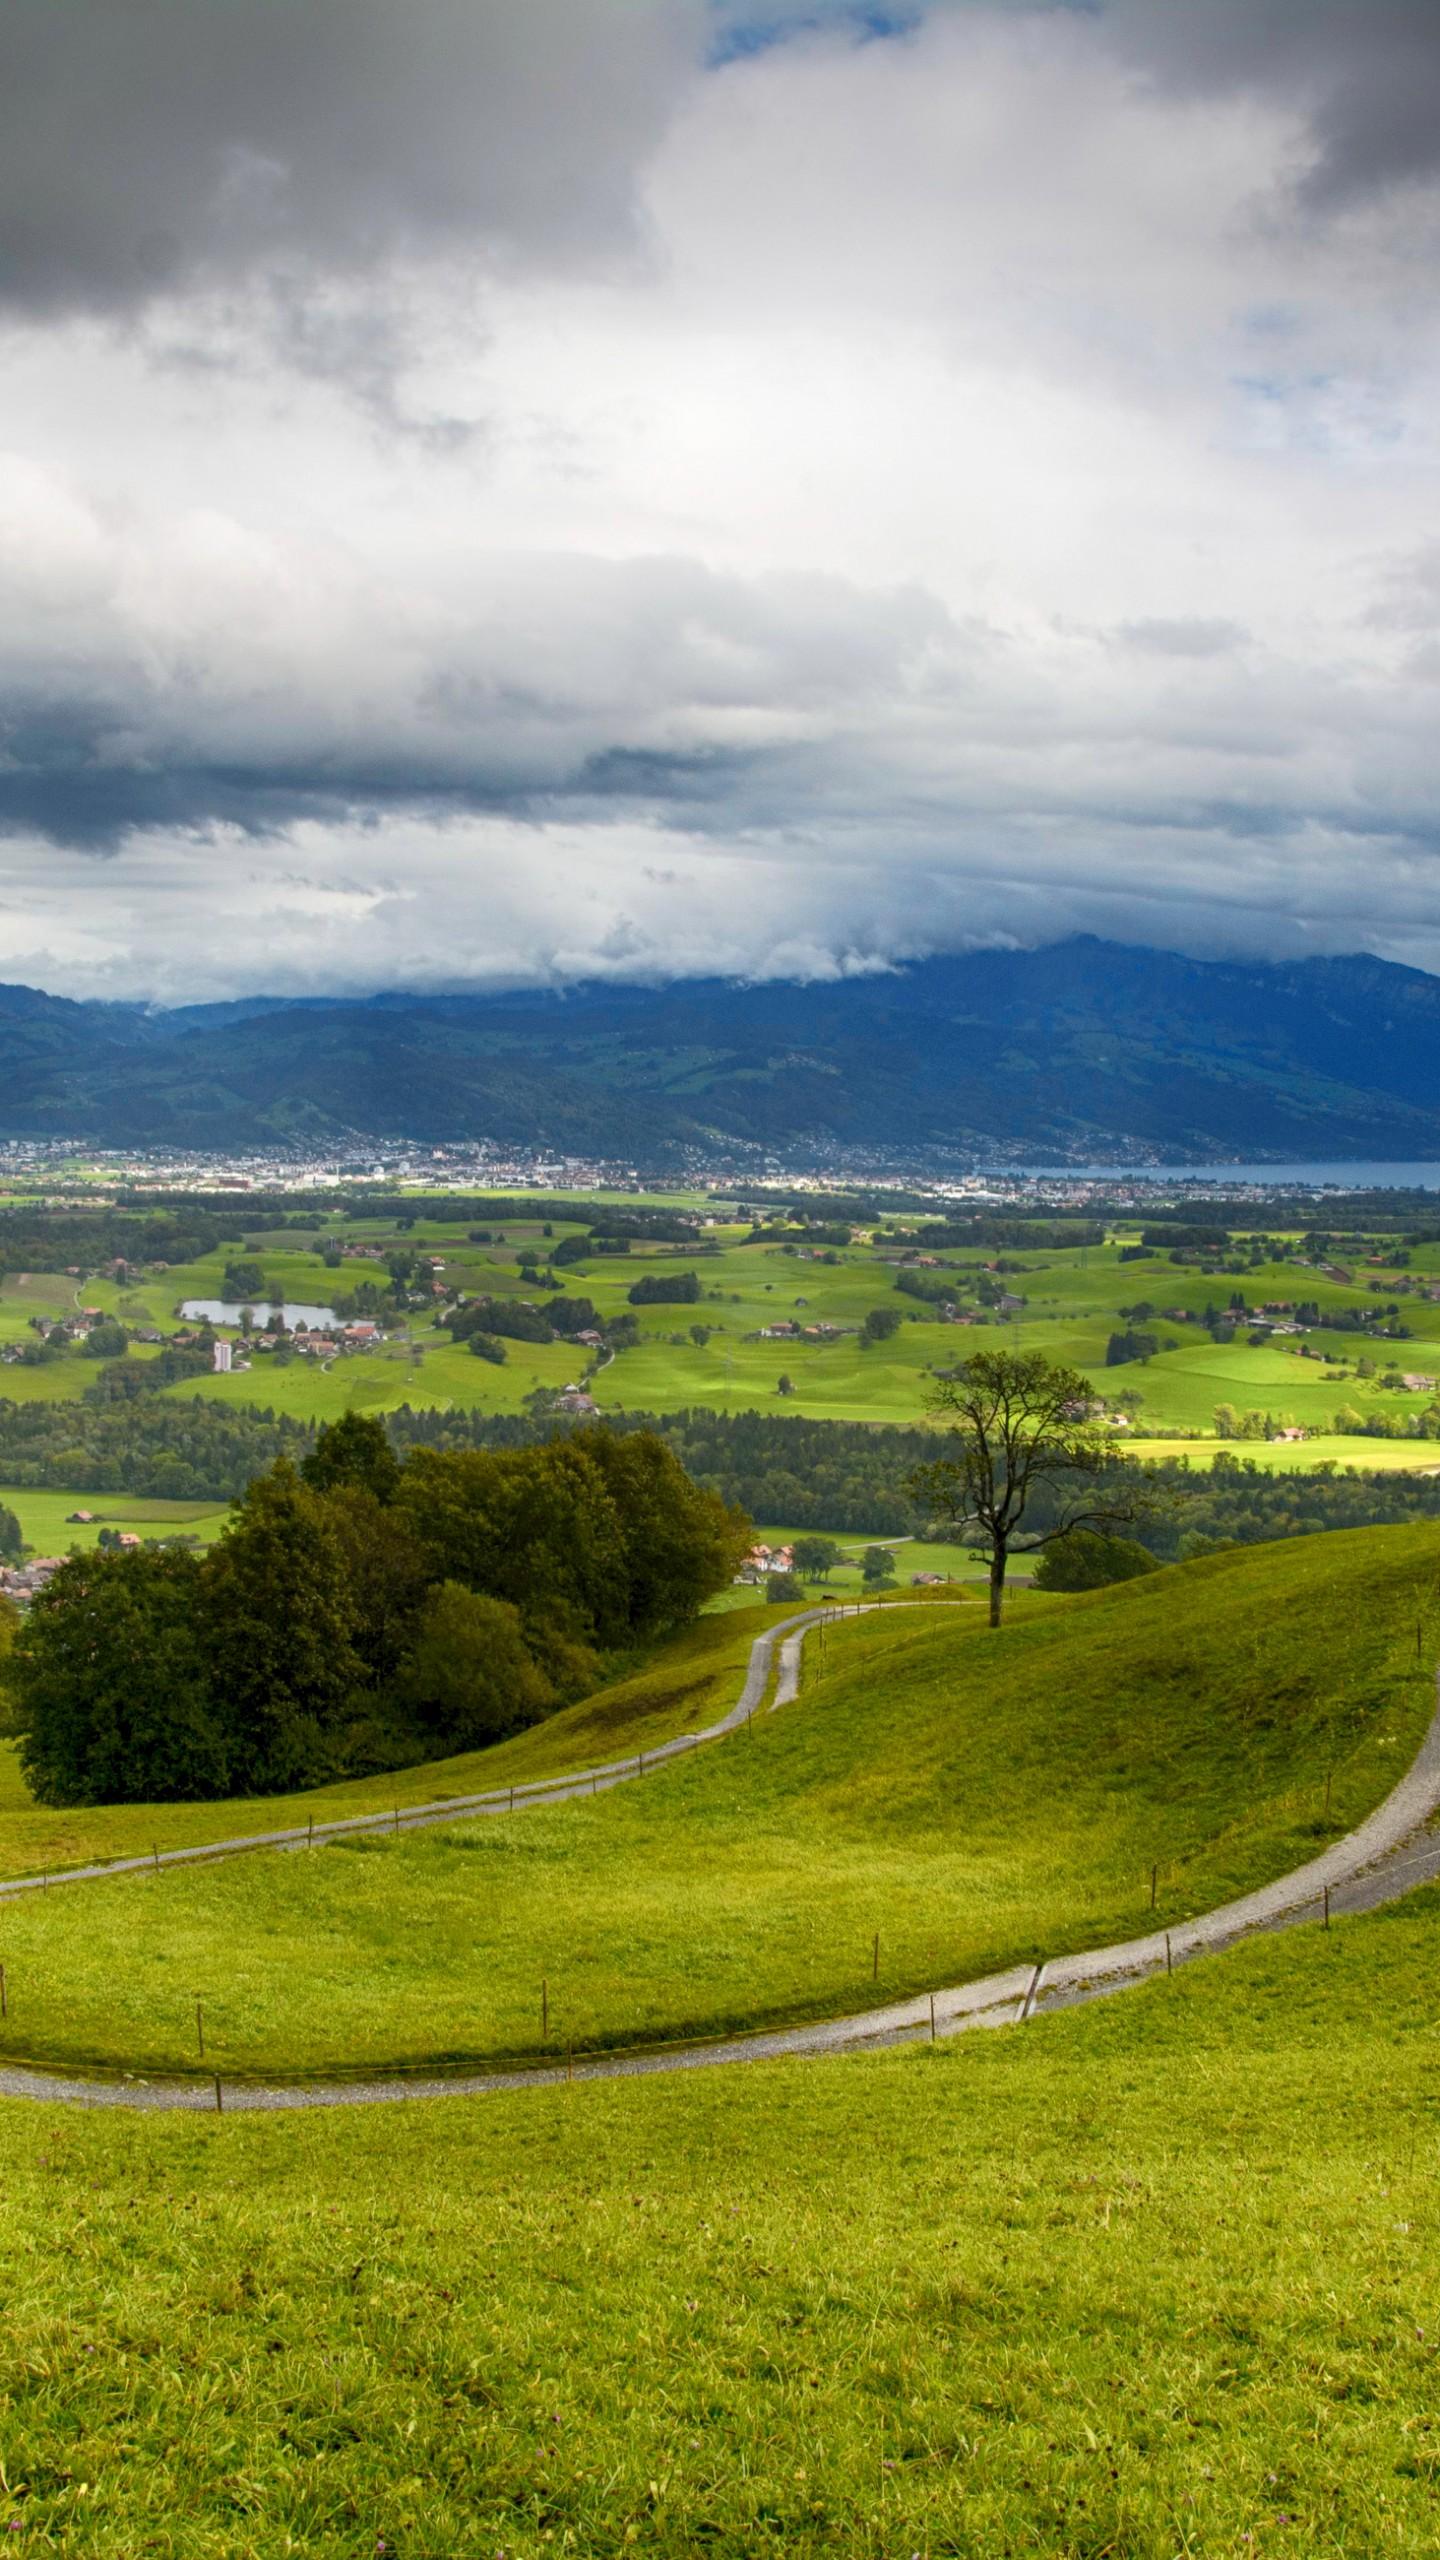 Wallpaper Switzerland, 4K, Hd Wallpaper, Hills, Mountains -8411